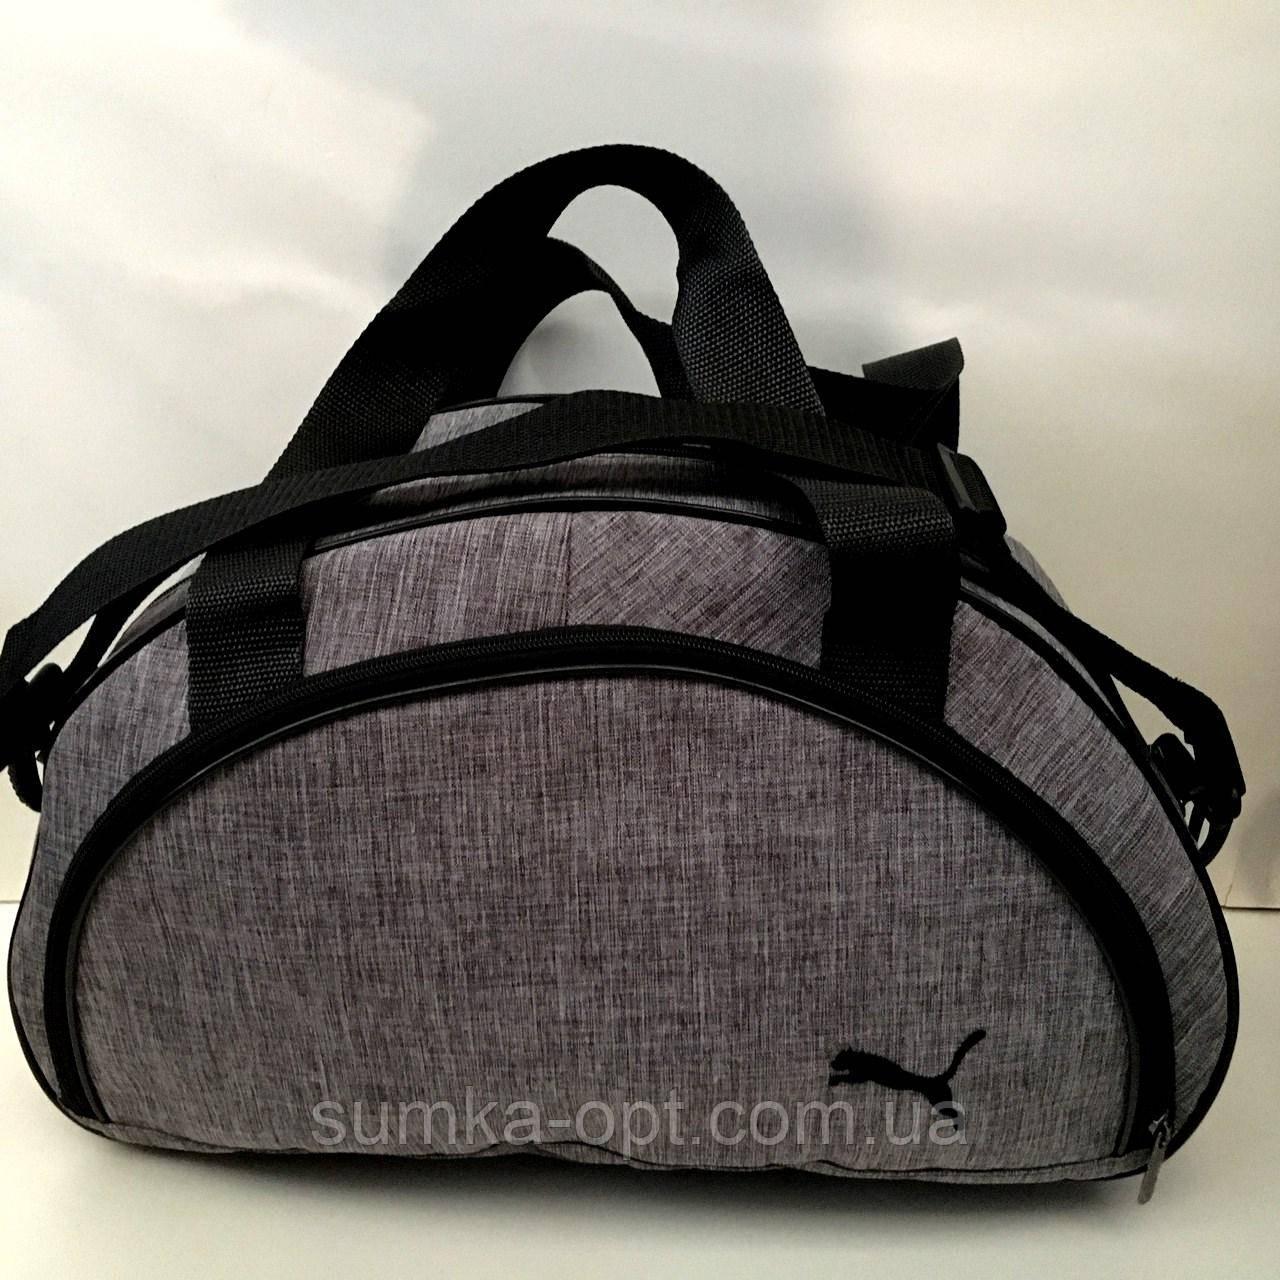 60a9ef9a Брендовые спортивные сумки Puma (серый)28*42см: продажа, цена в ...